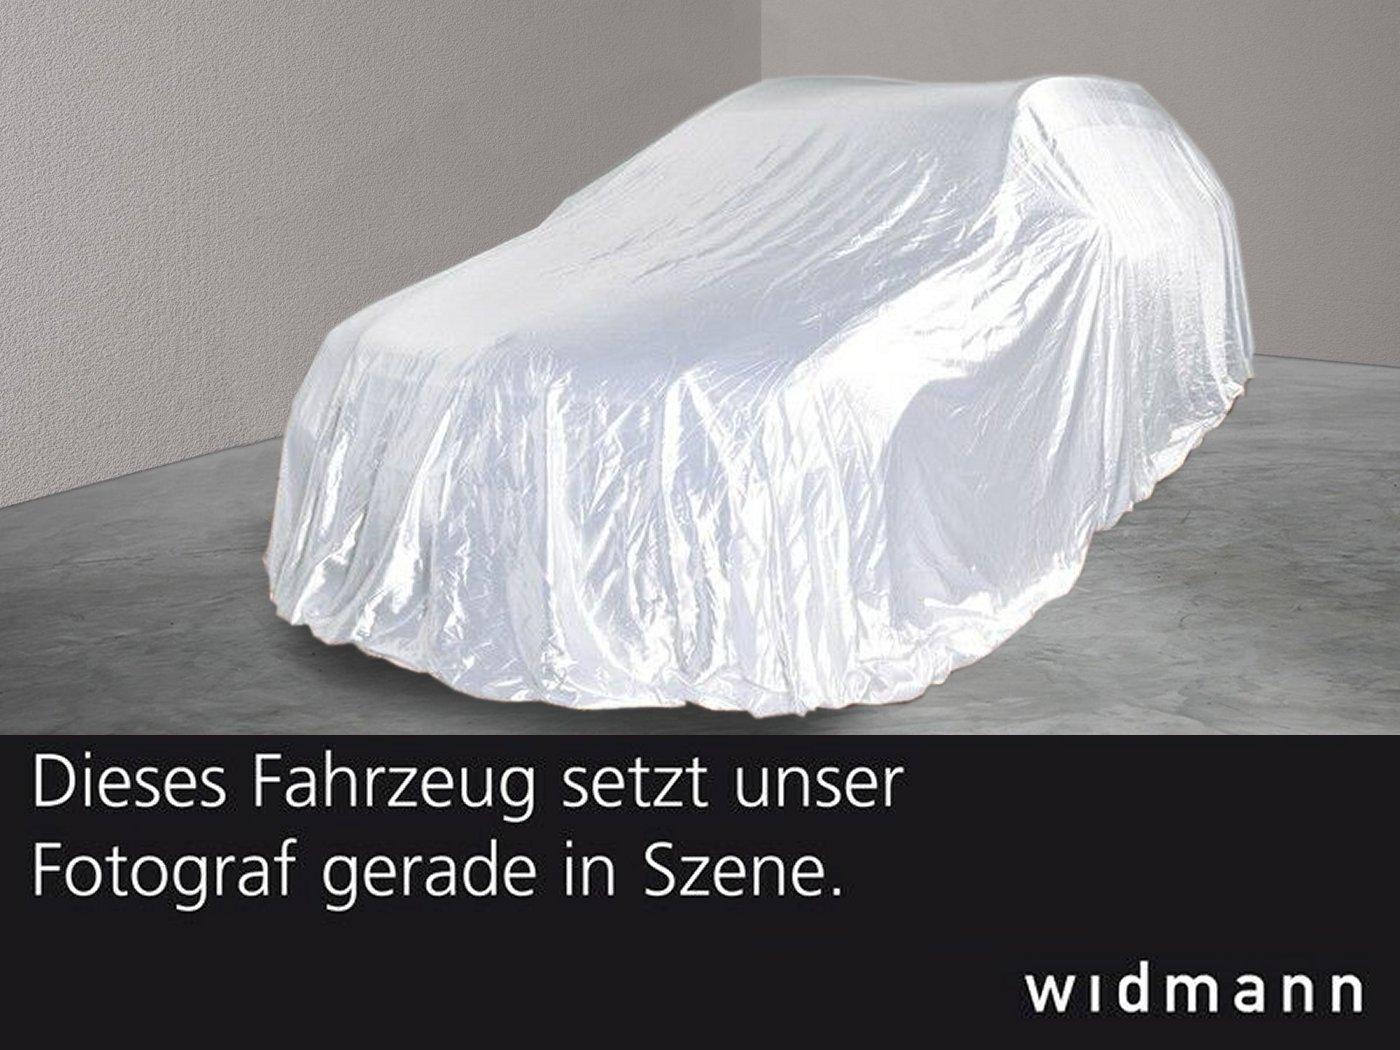 Mercedes-Benz V 220 d EDITION Score Navi Kamera LED DAB, Jahr 2017, Diesel